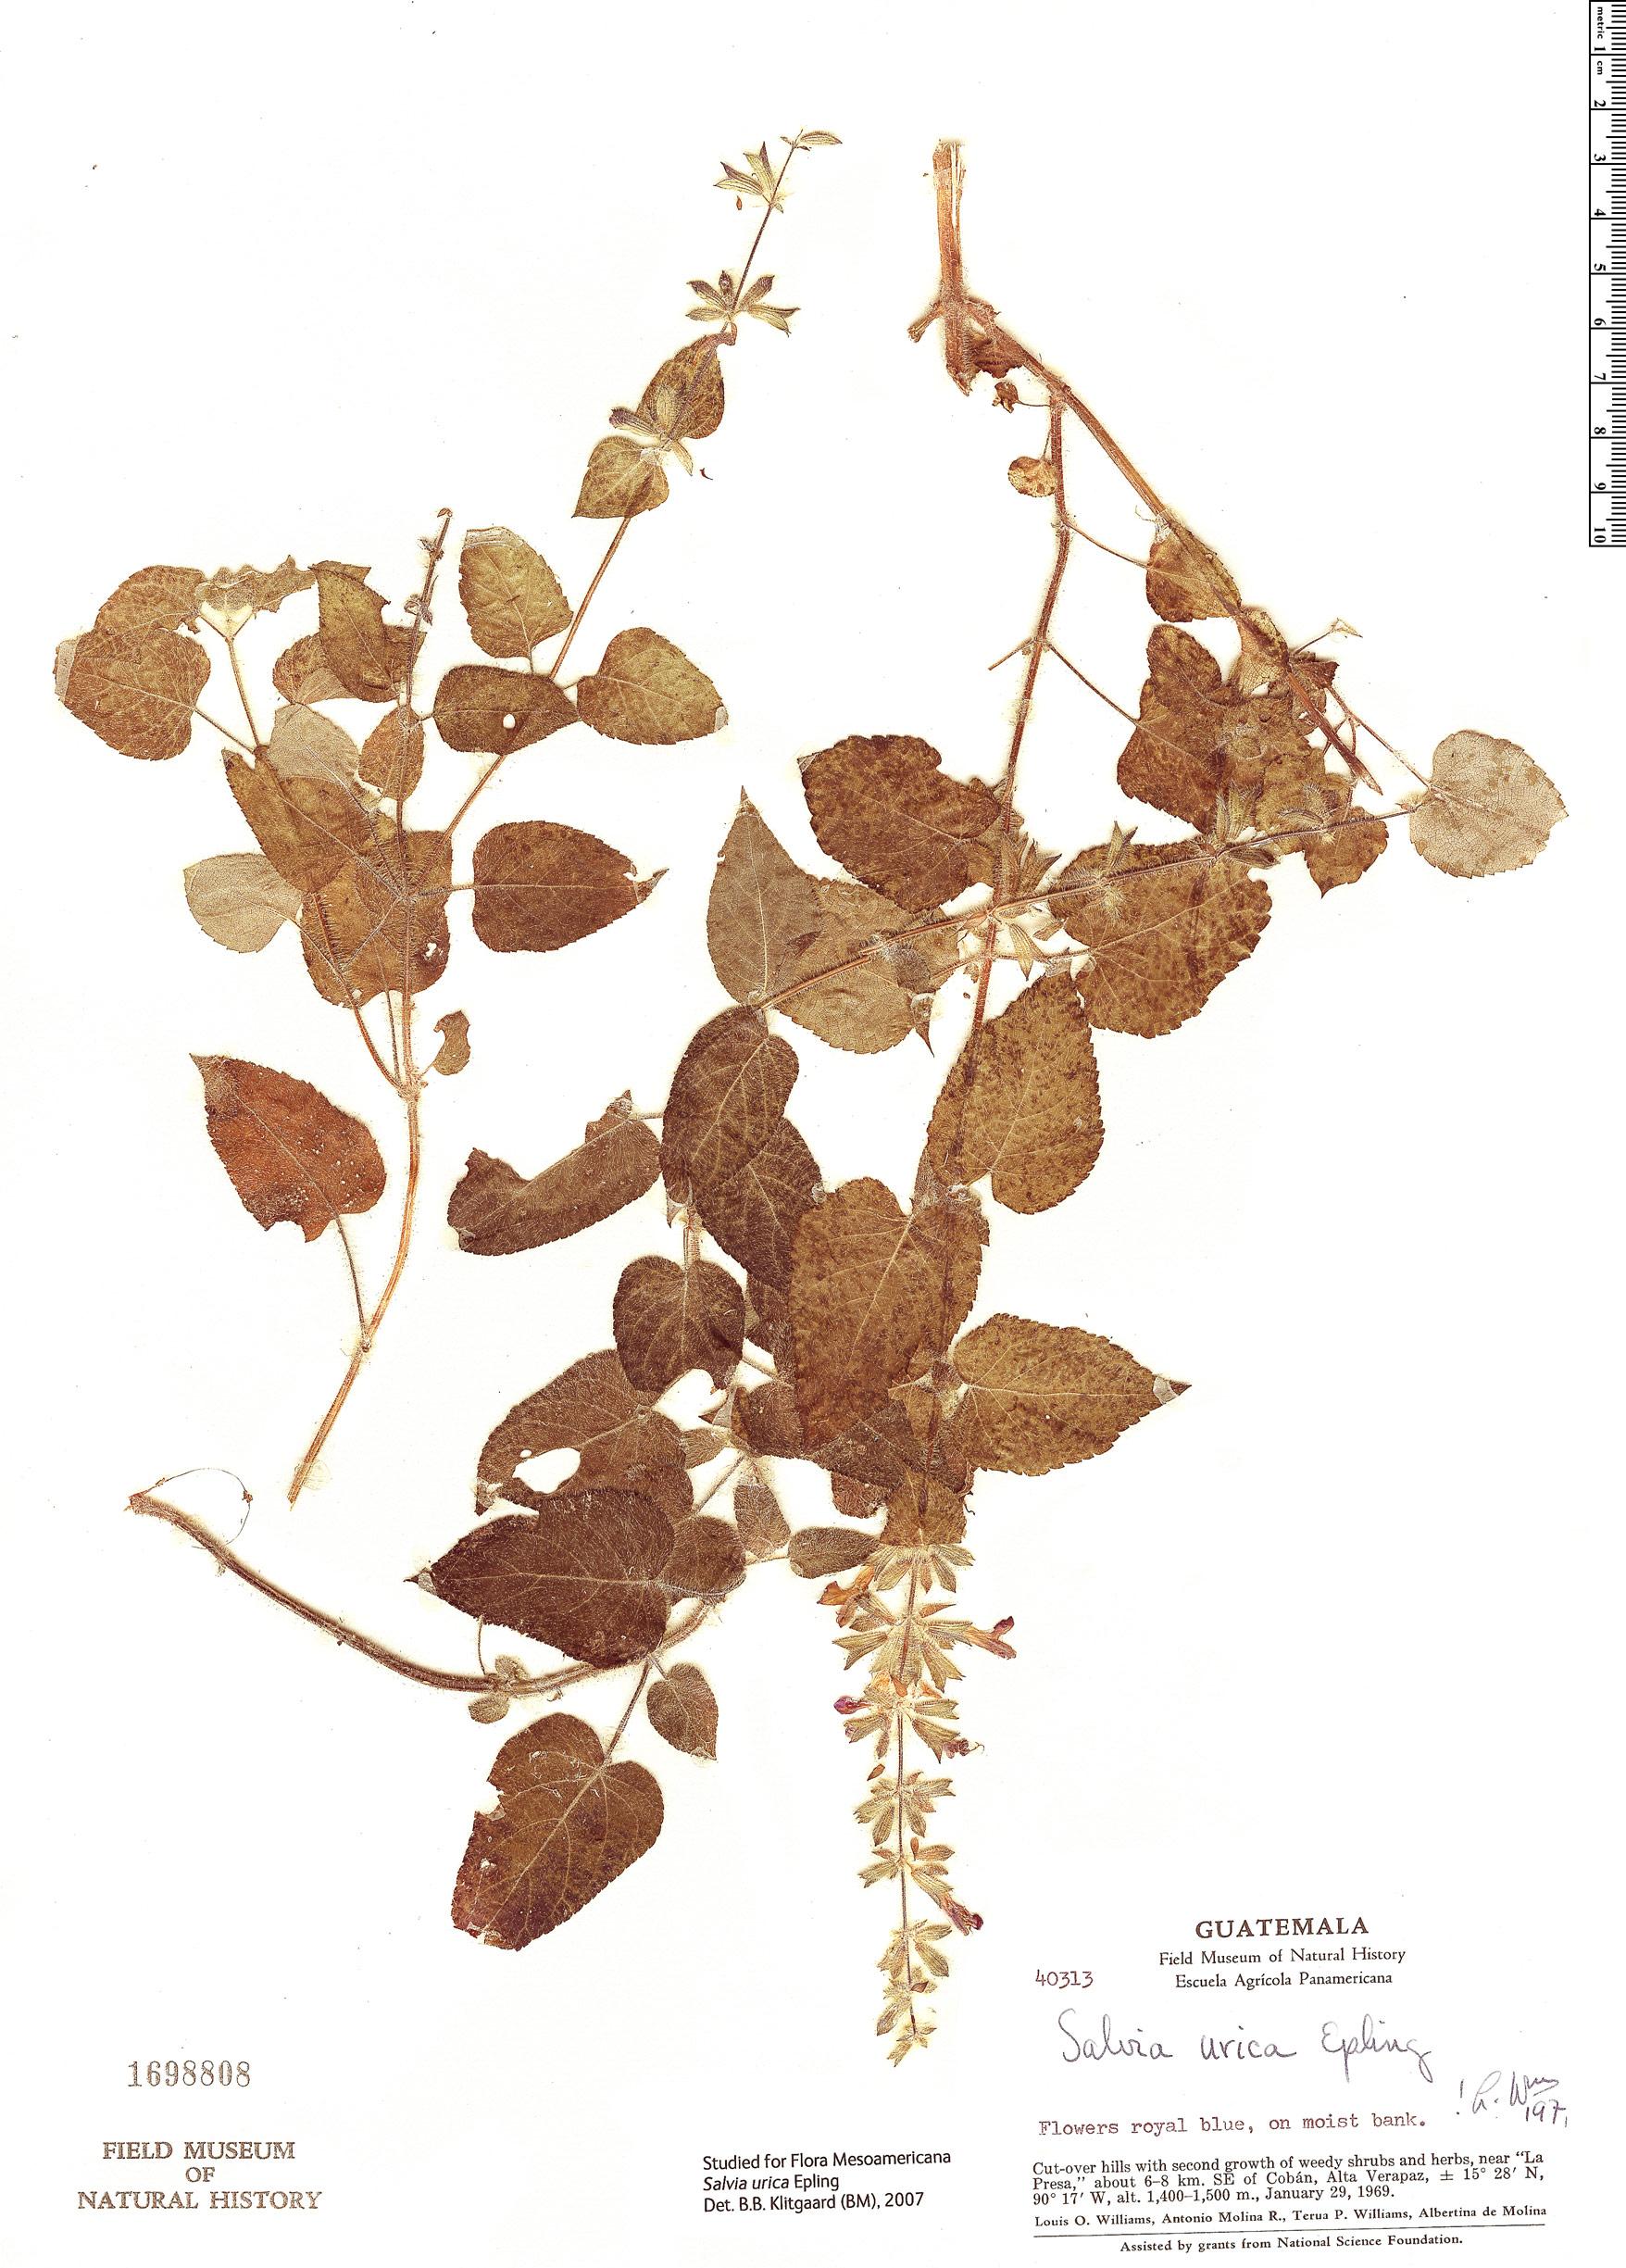 Espécime: Salvia urica